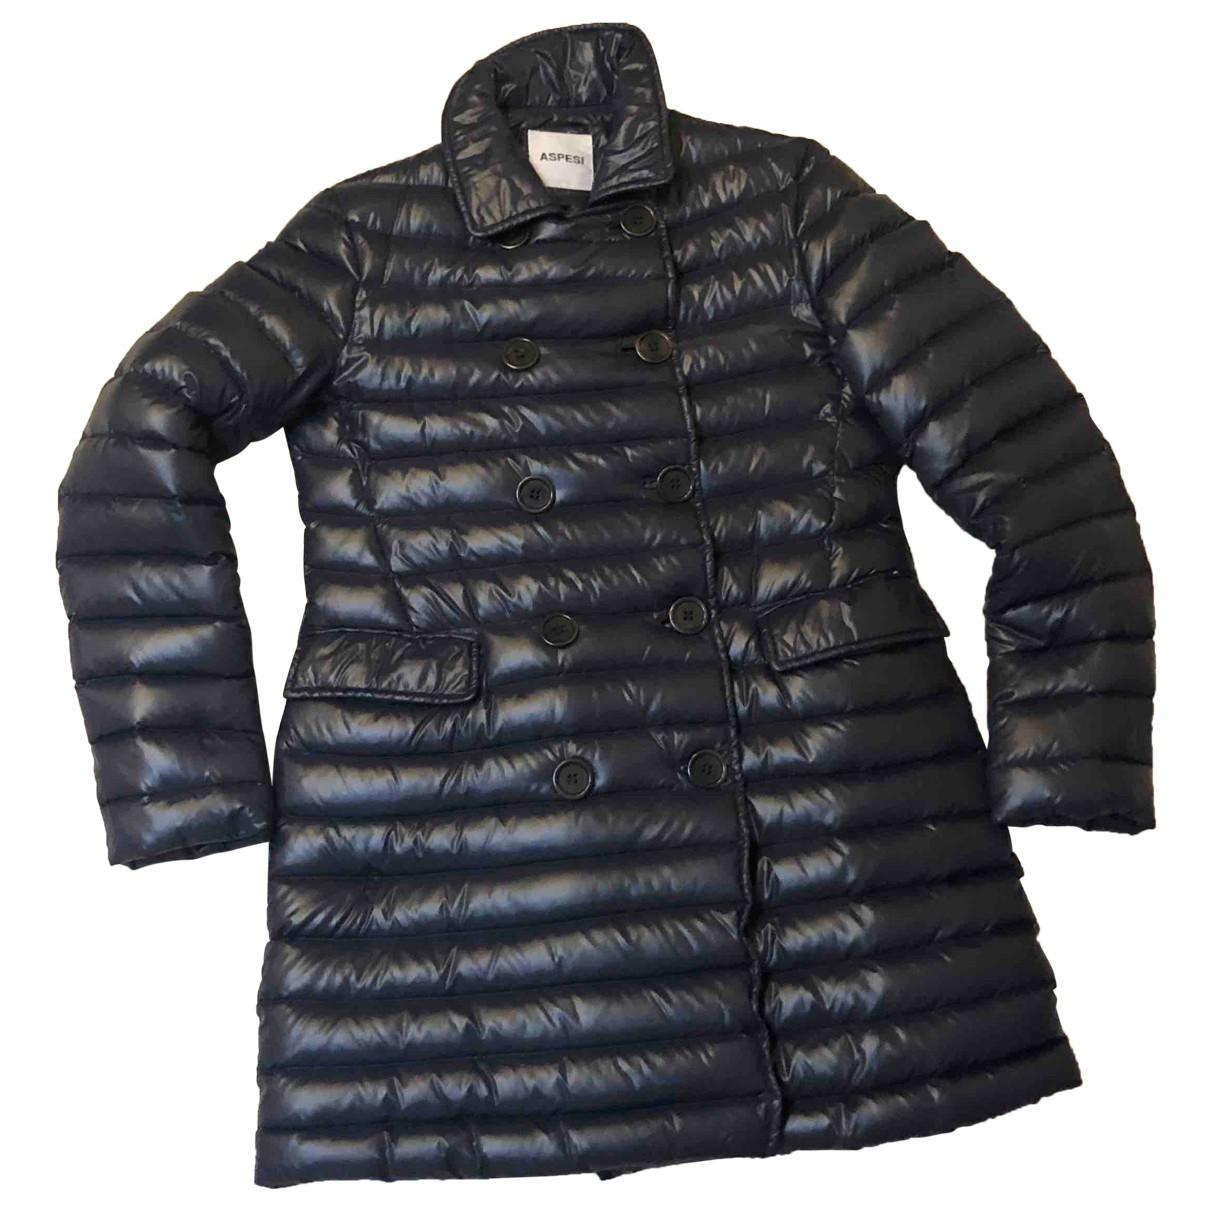 Aspesi \N Blue coat for Women 38 IT